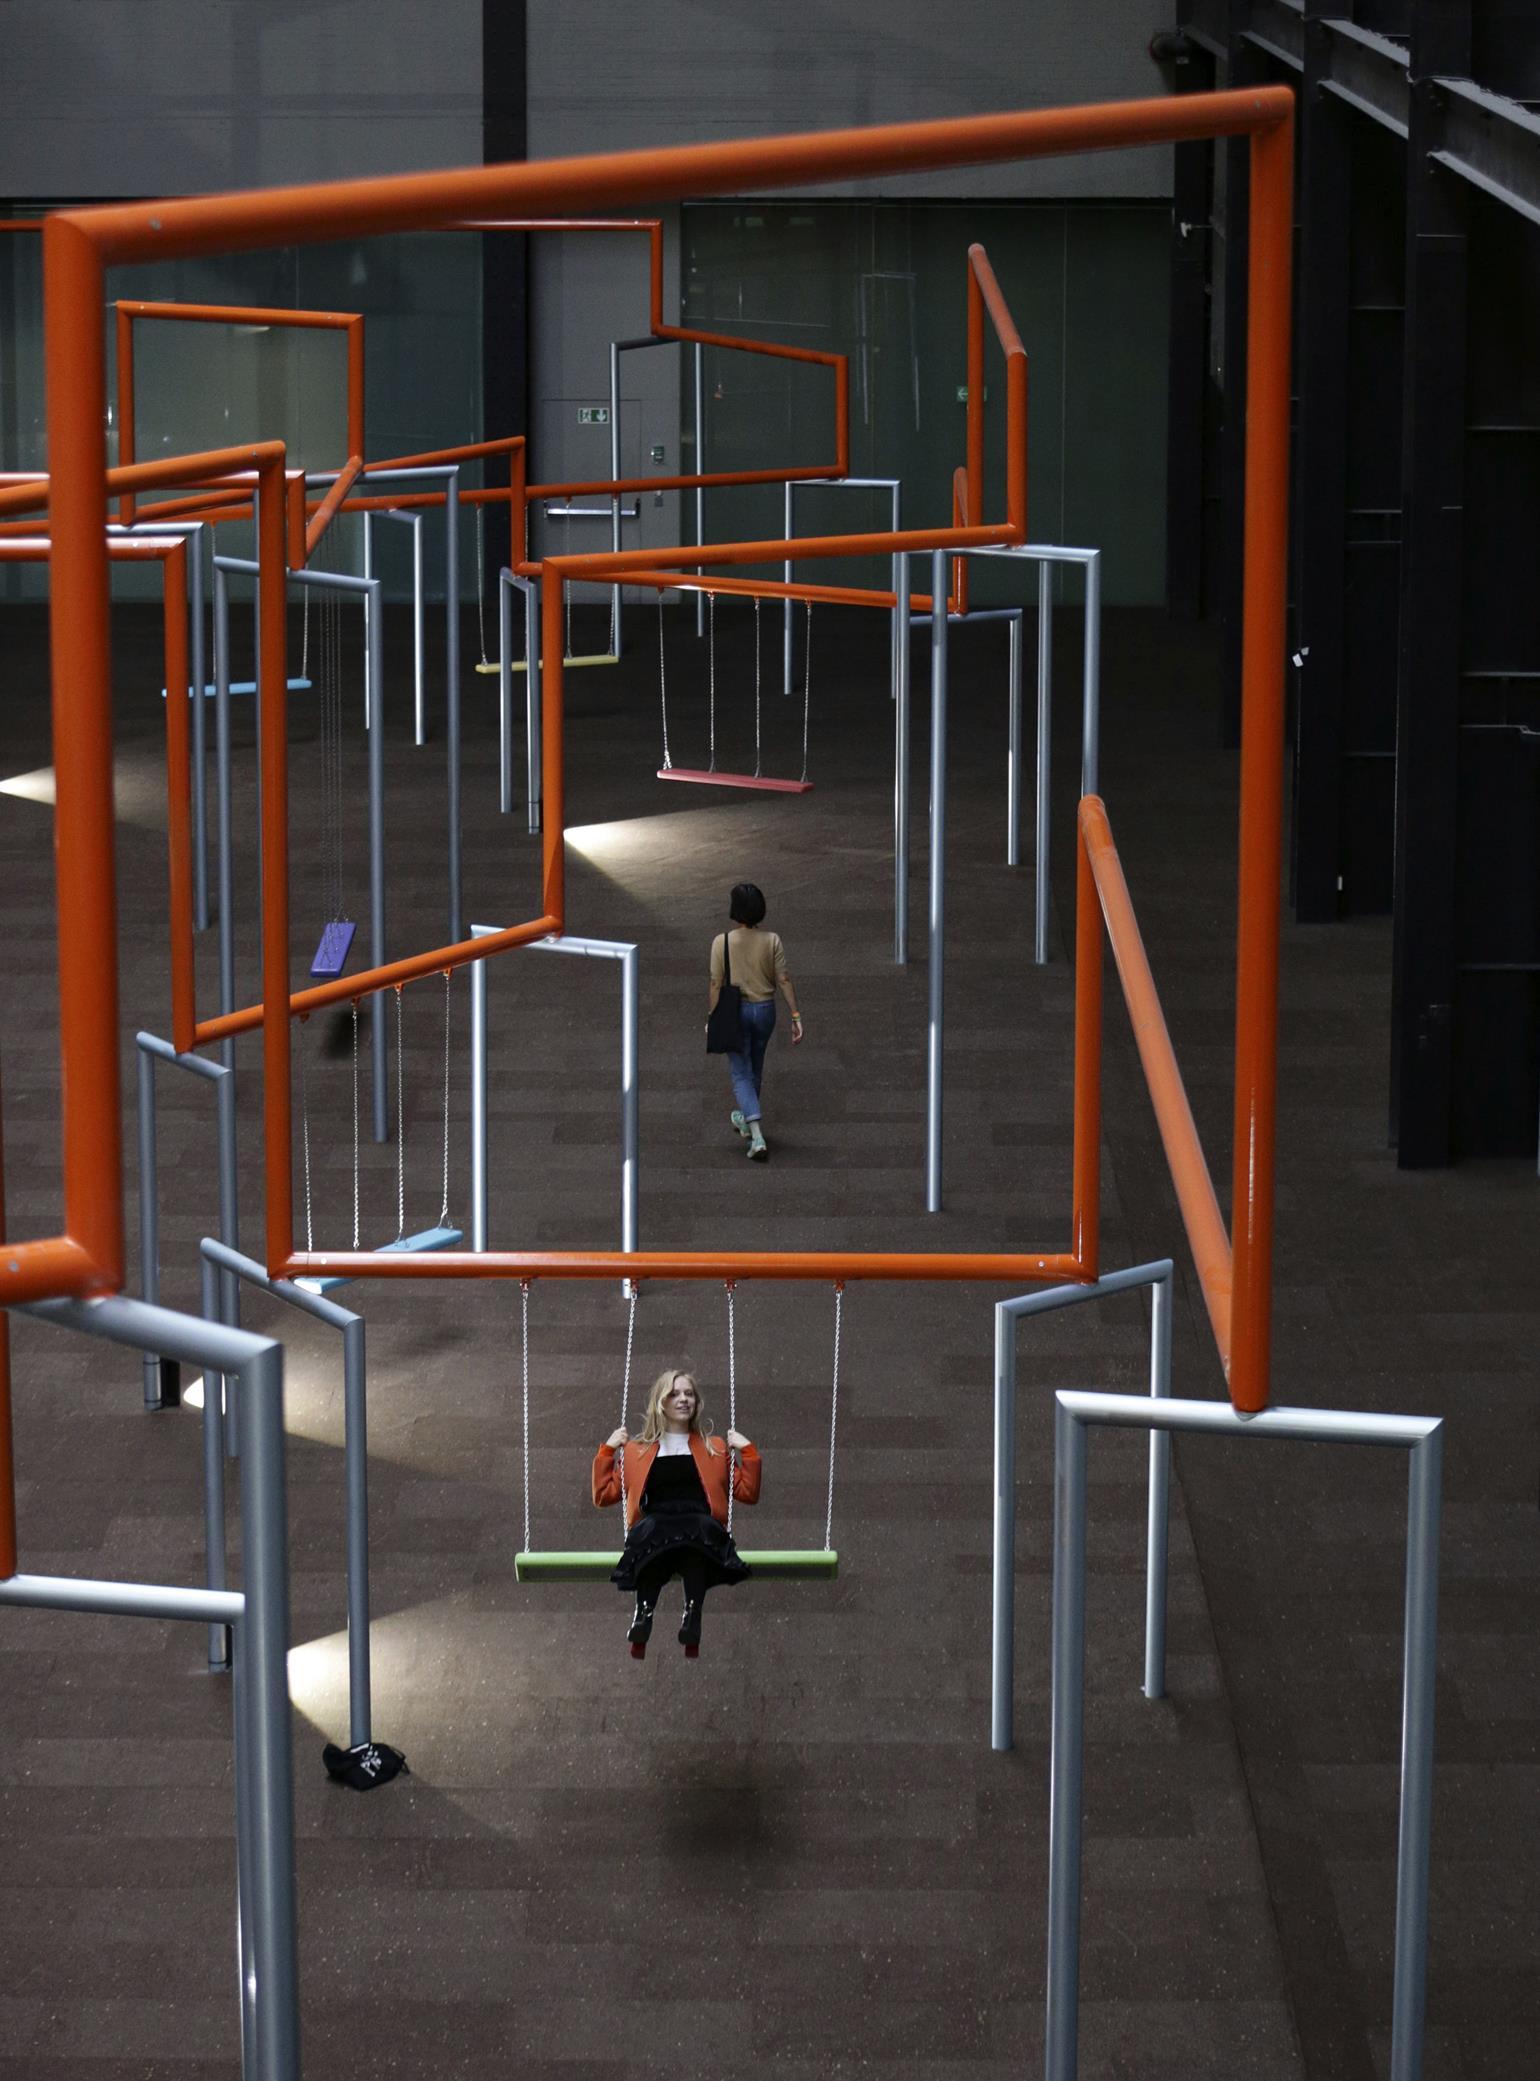 En besøgende sidder på en gynge, som er en del af den store, interaktive kunstinstallation, som den danske gruppe SUPERFLEX udstiller på Tate Modern i London. (Foto: /ritzau/)